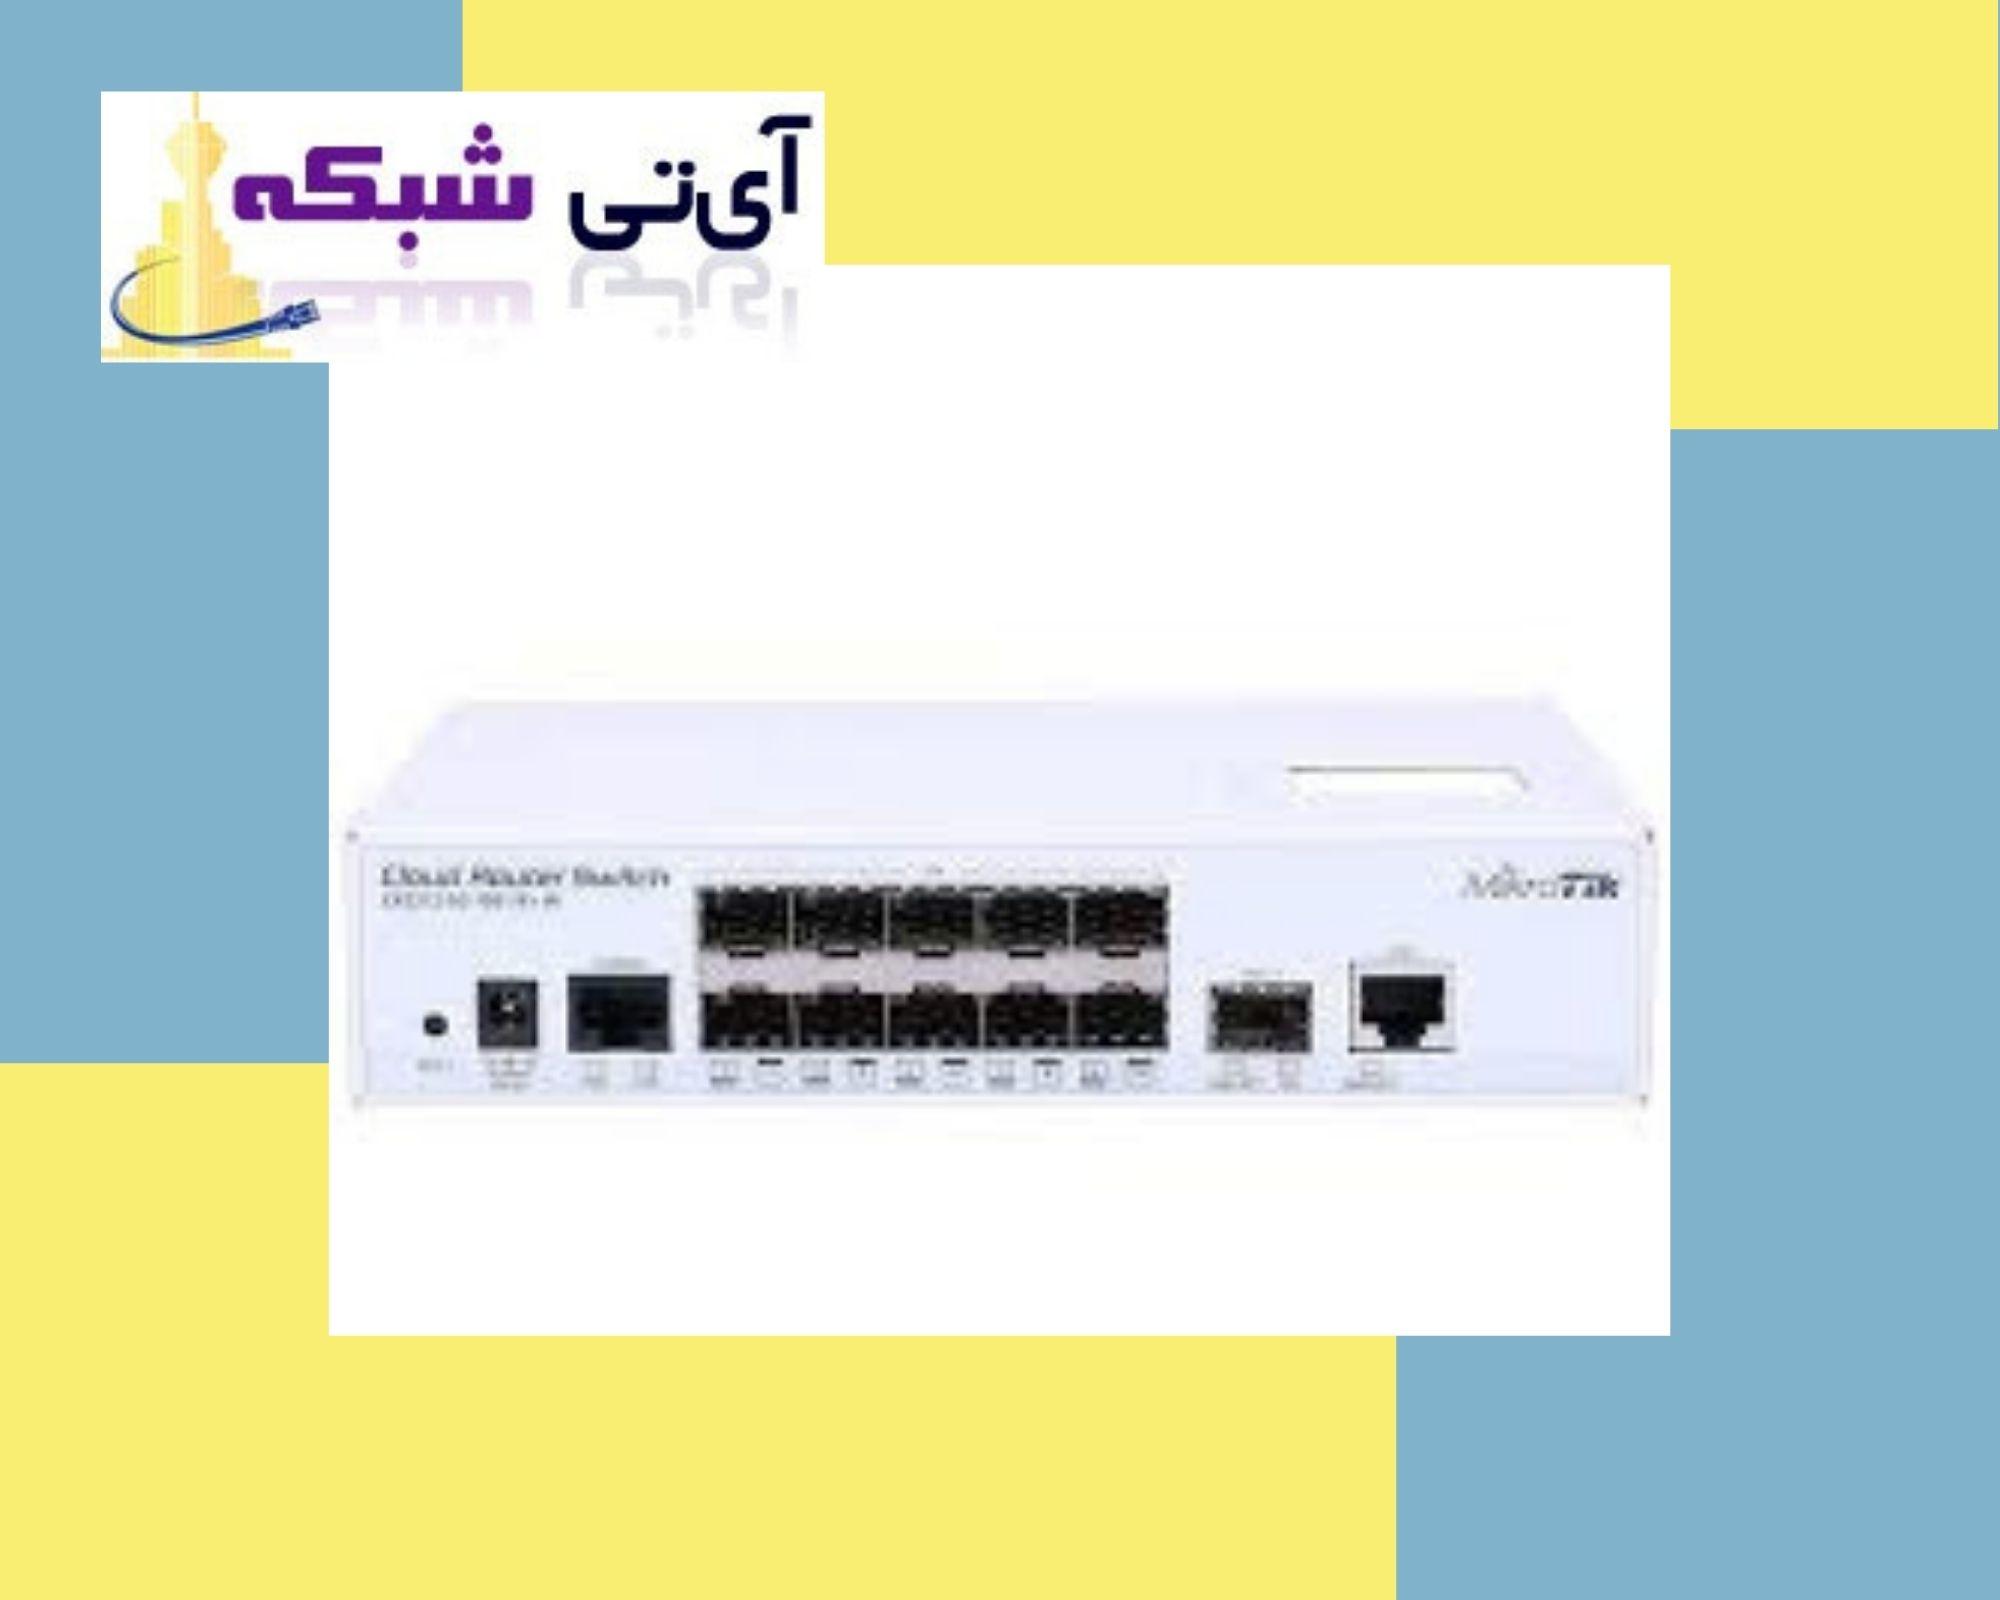 روتر- میکرو - تک - ای - تی - شبکه